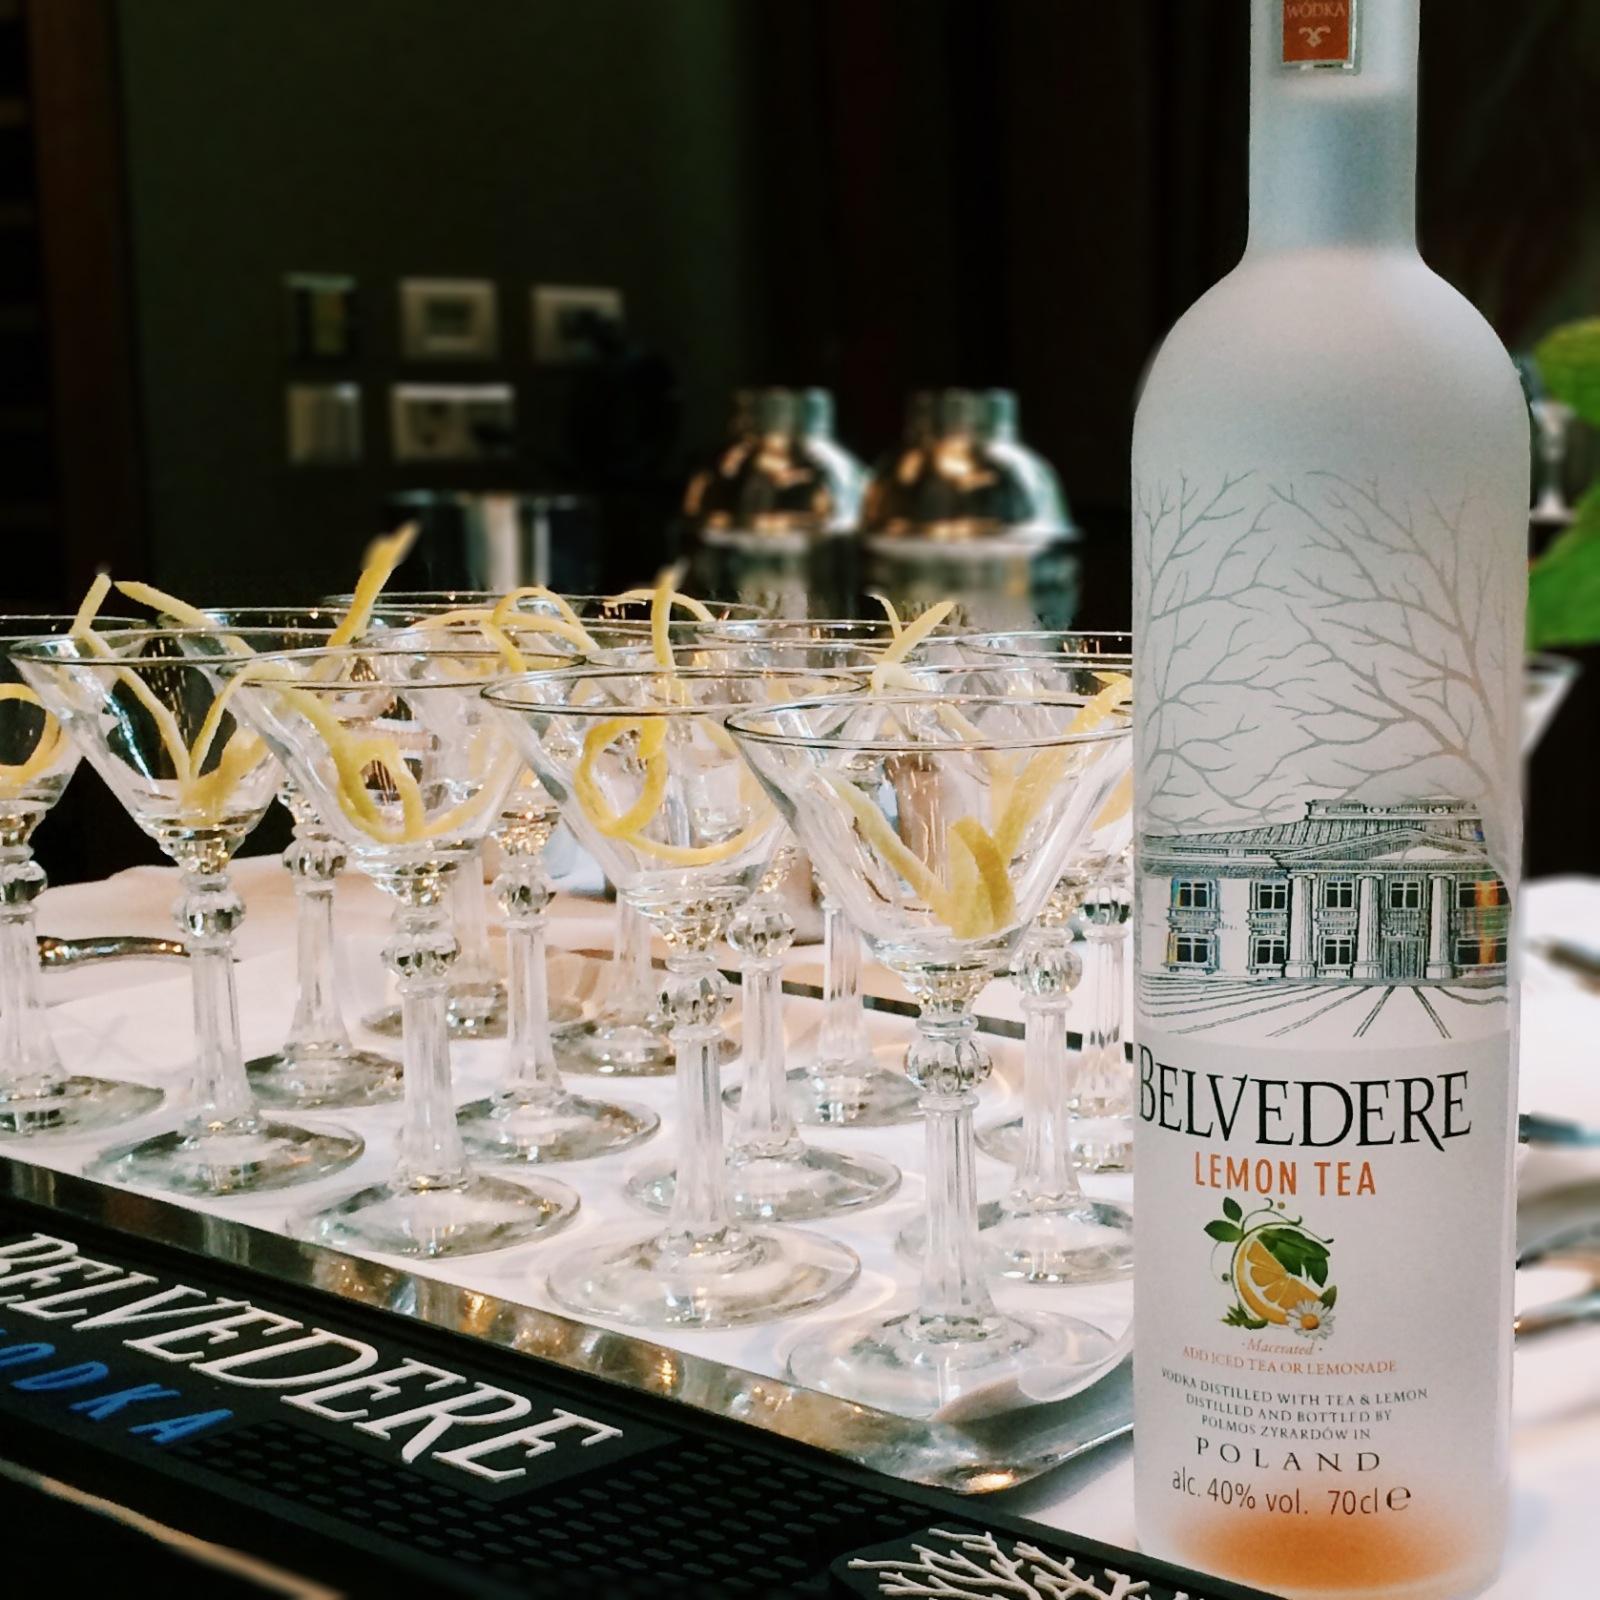 IMG 0326 - Belvedere Vodka Lemon Tea + Recipes